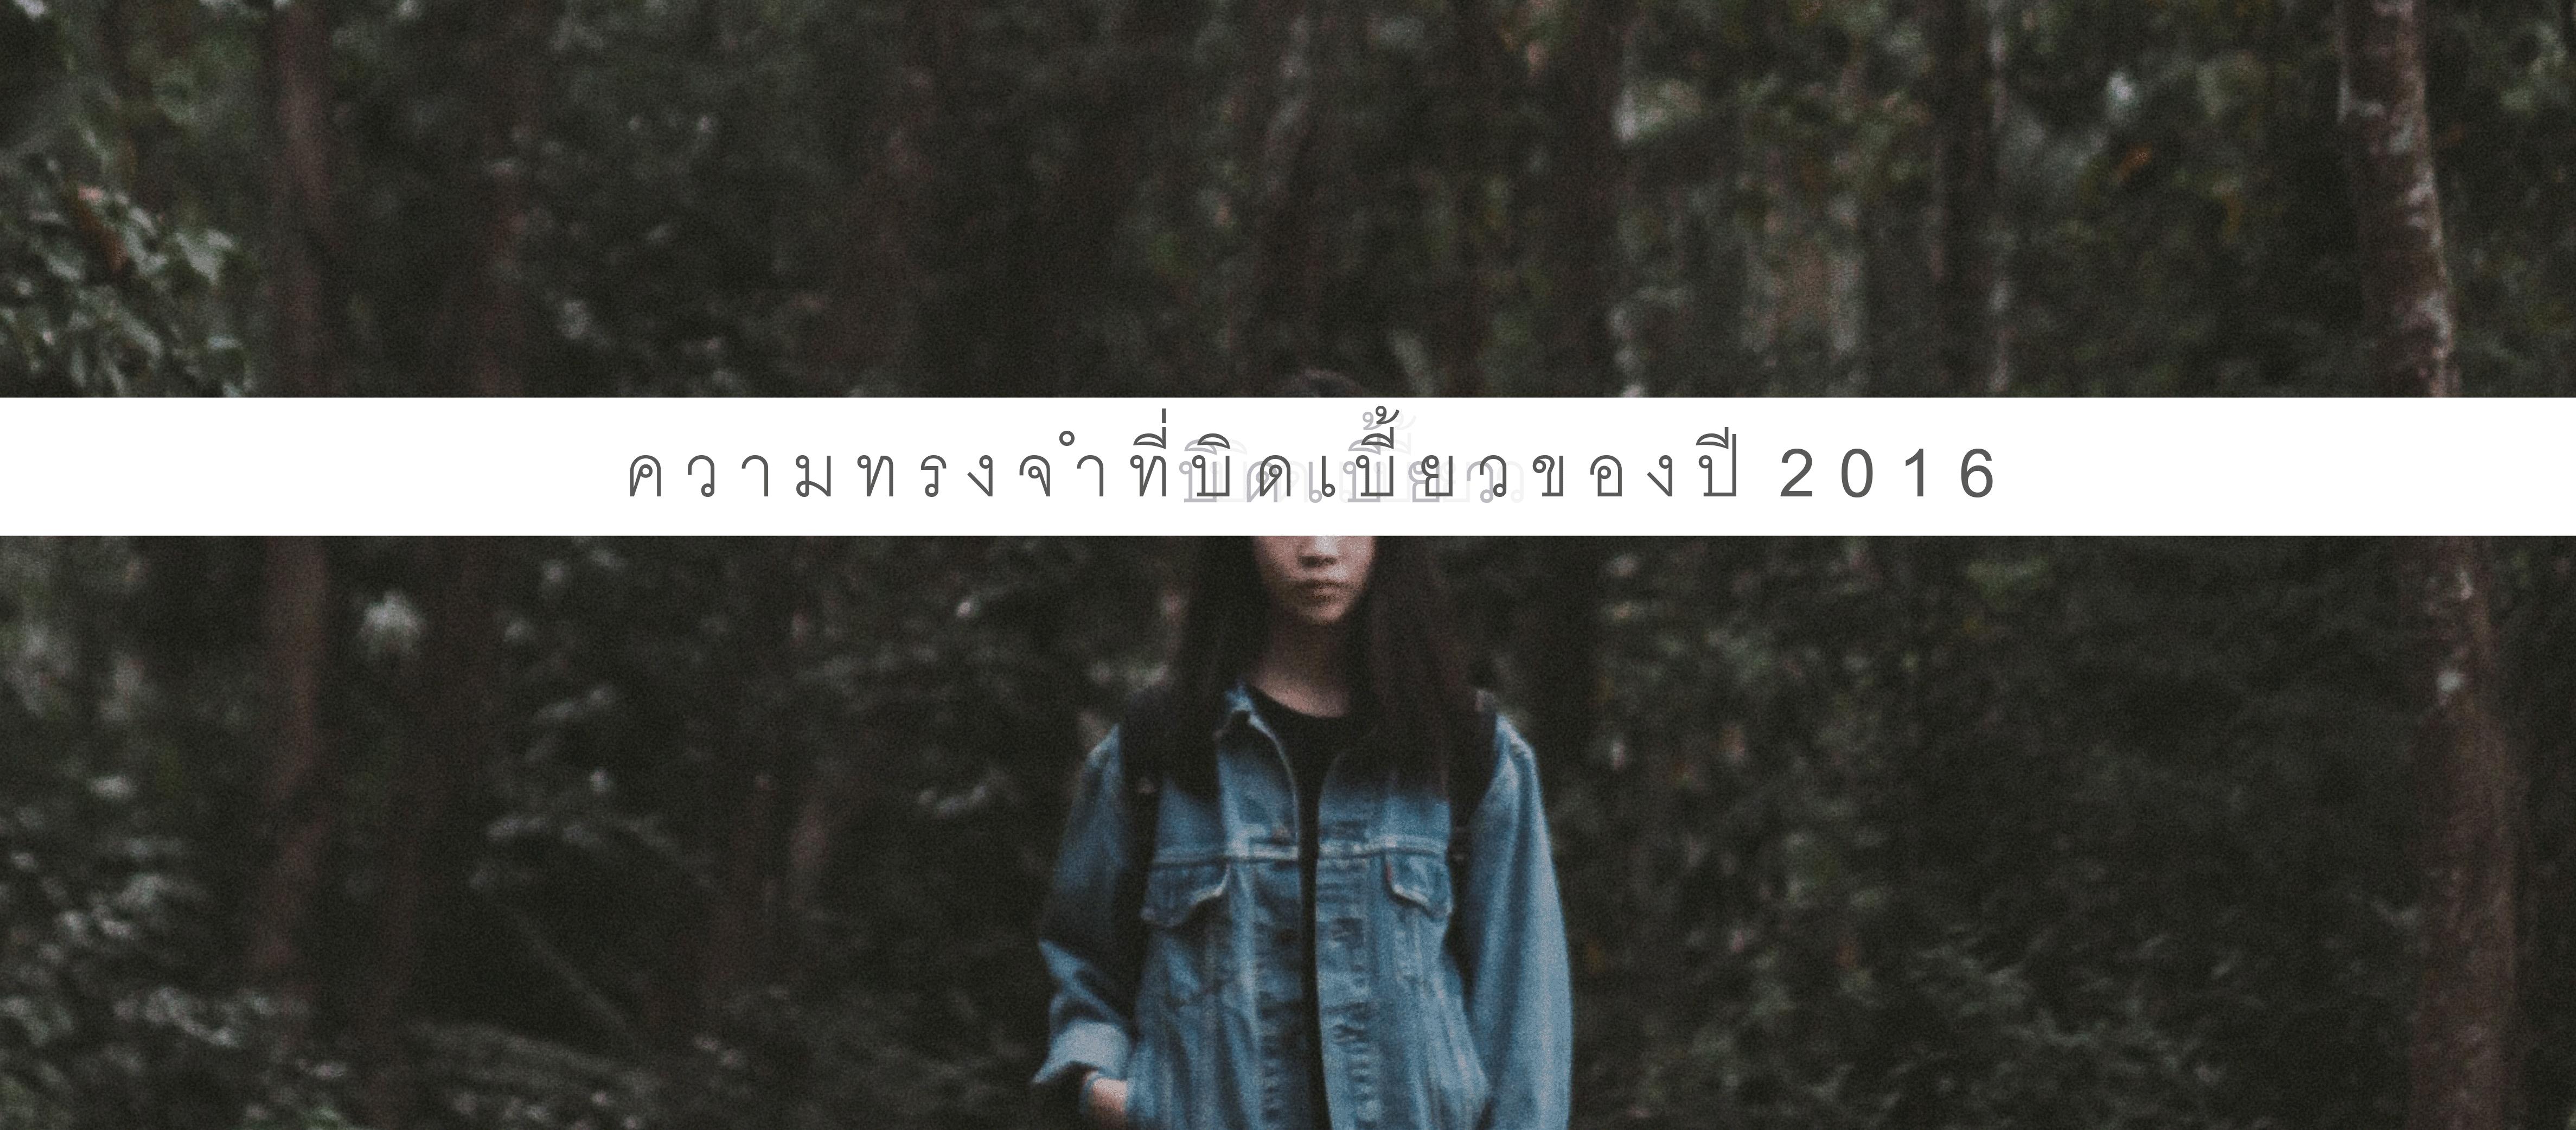 ความทรงจำที่บิดเบี้ยวของปี 2016